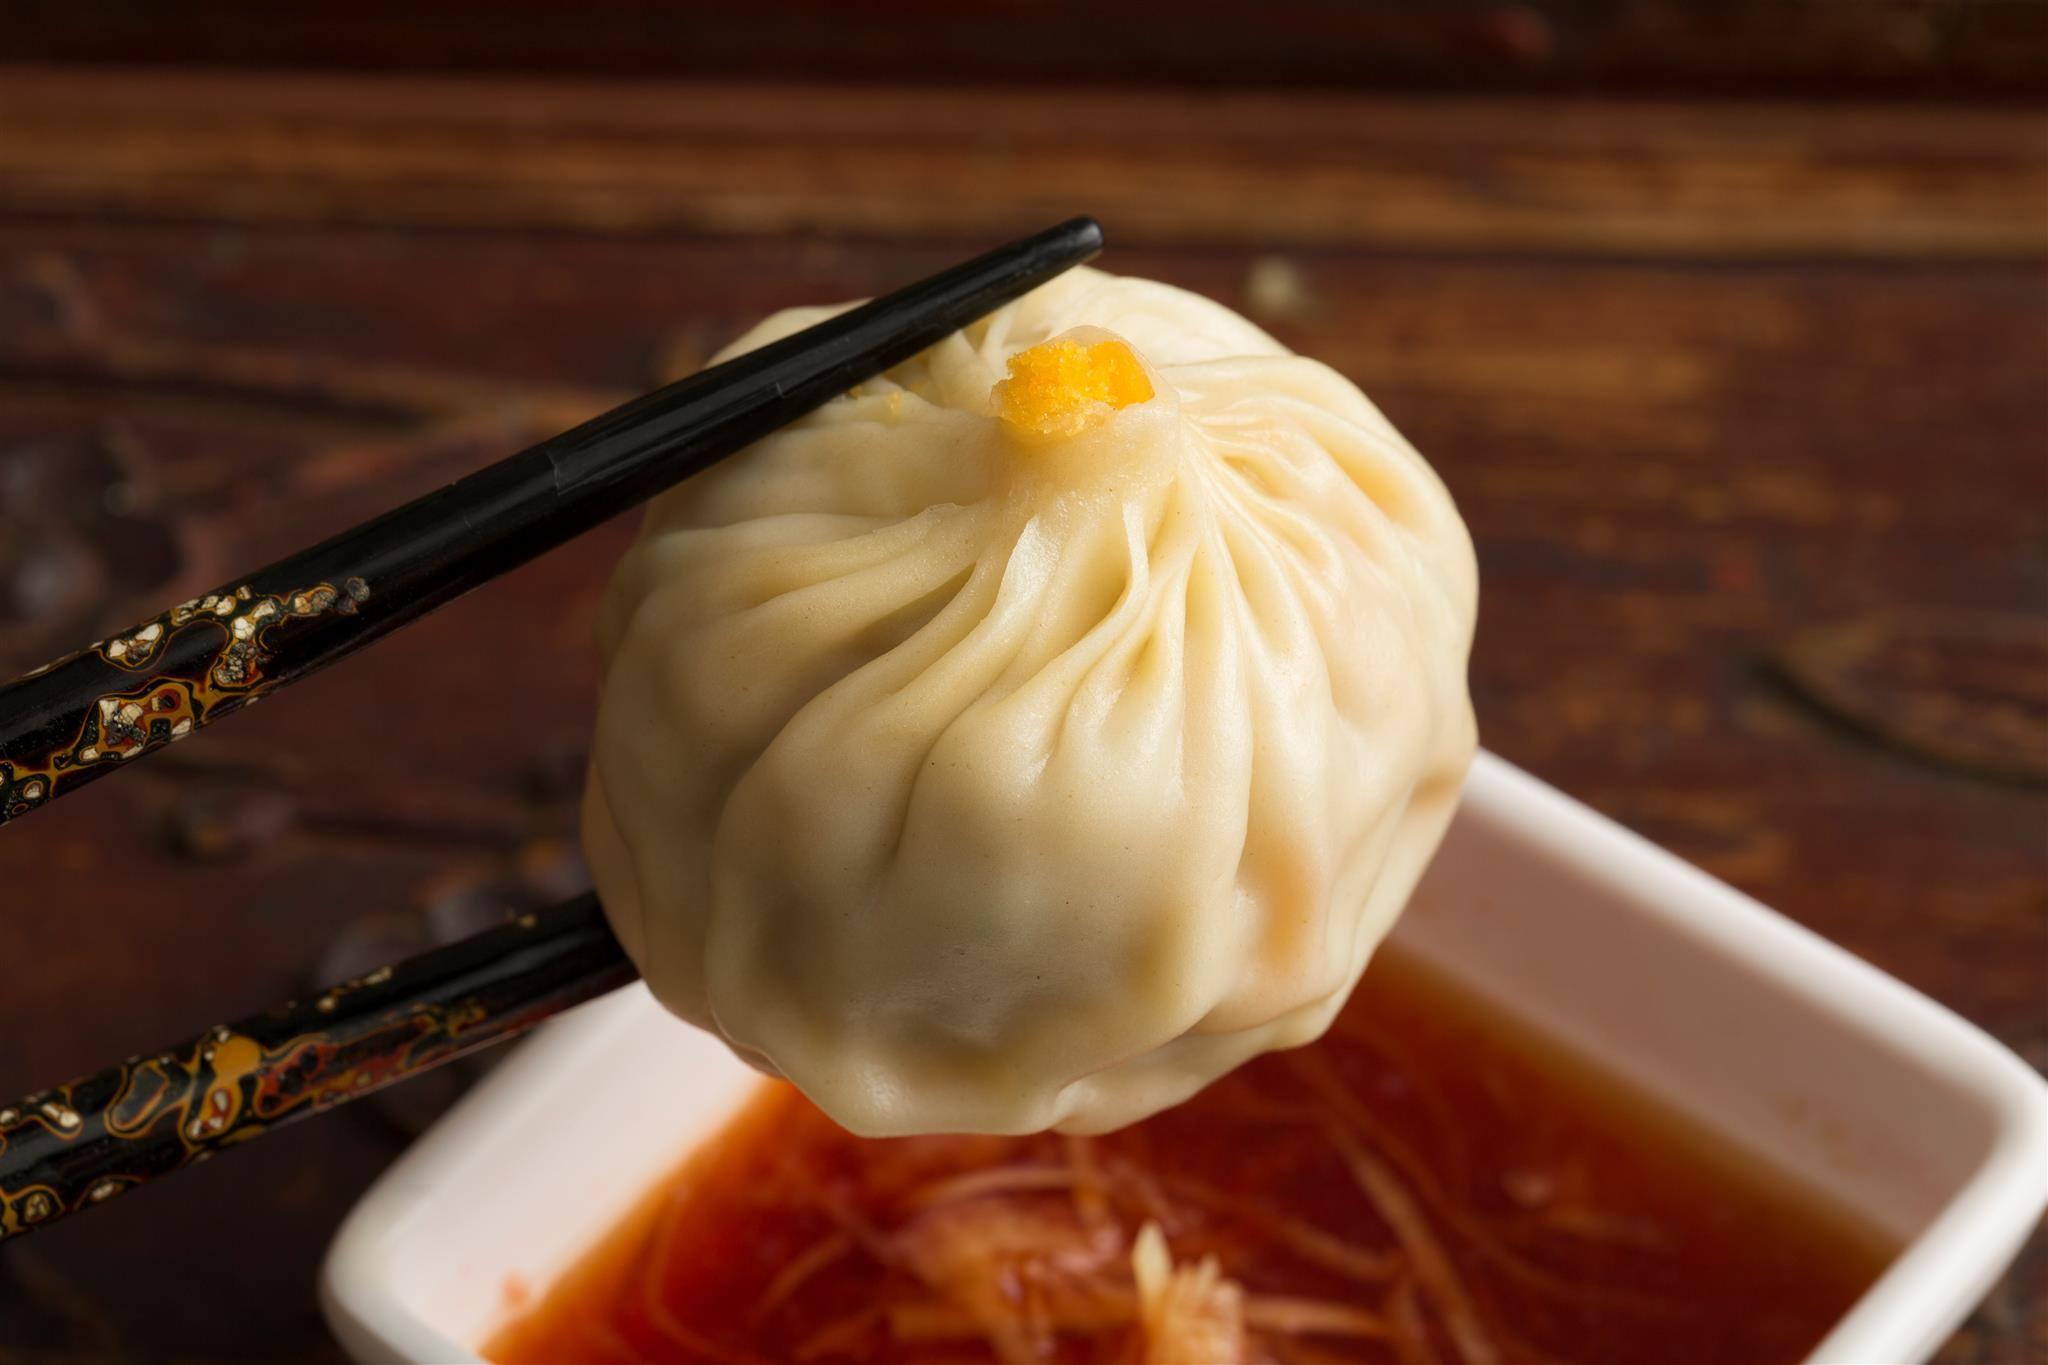 A dumpling held by chopsticks